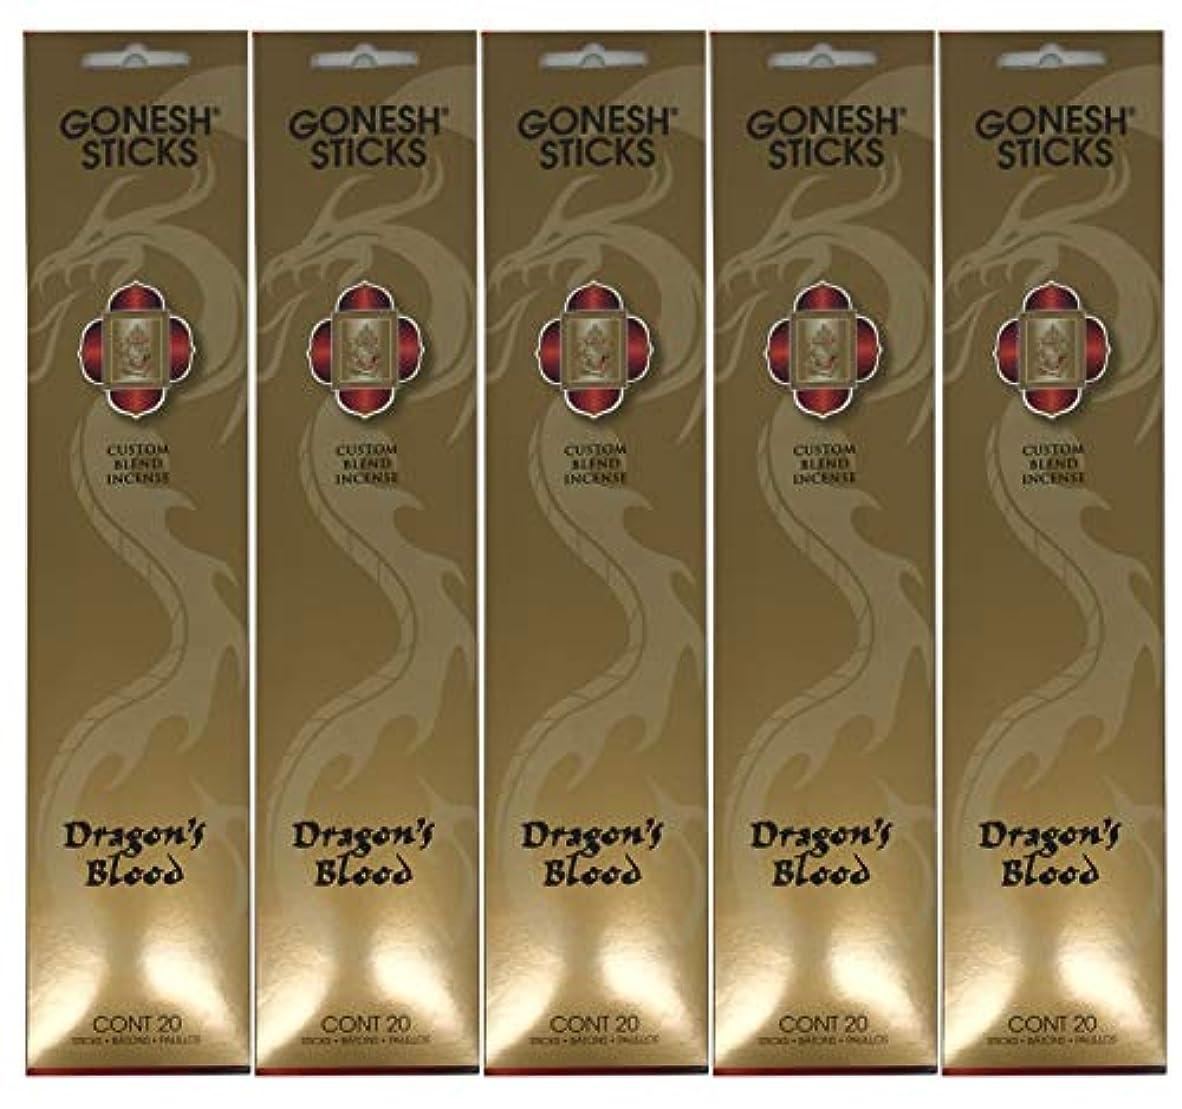 指定する日常的に幻想Gonesh カスタムブレンドインセンススティック - Dragon's Blood - 5パック (合計100本)